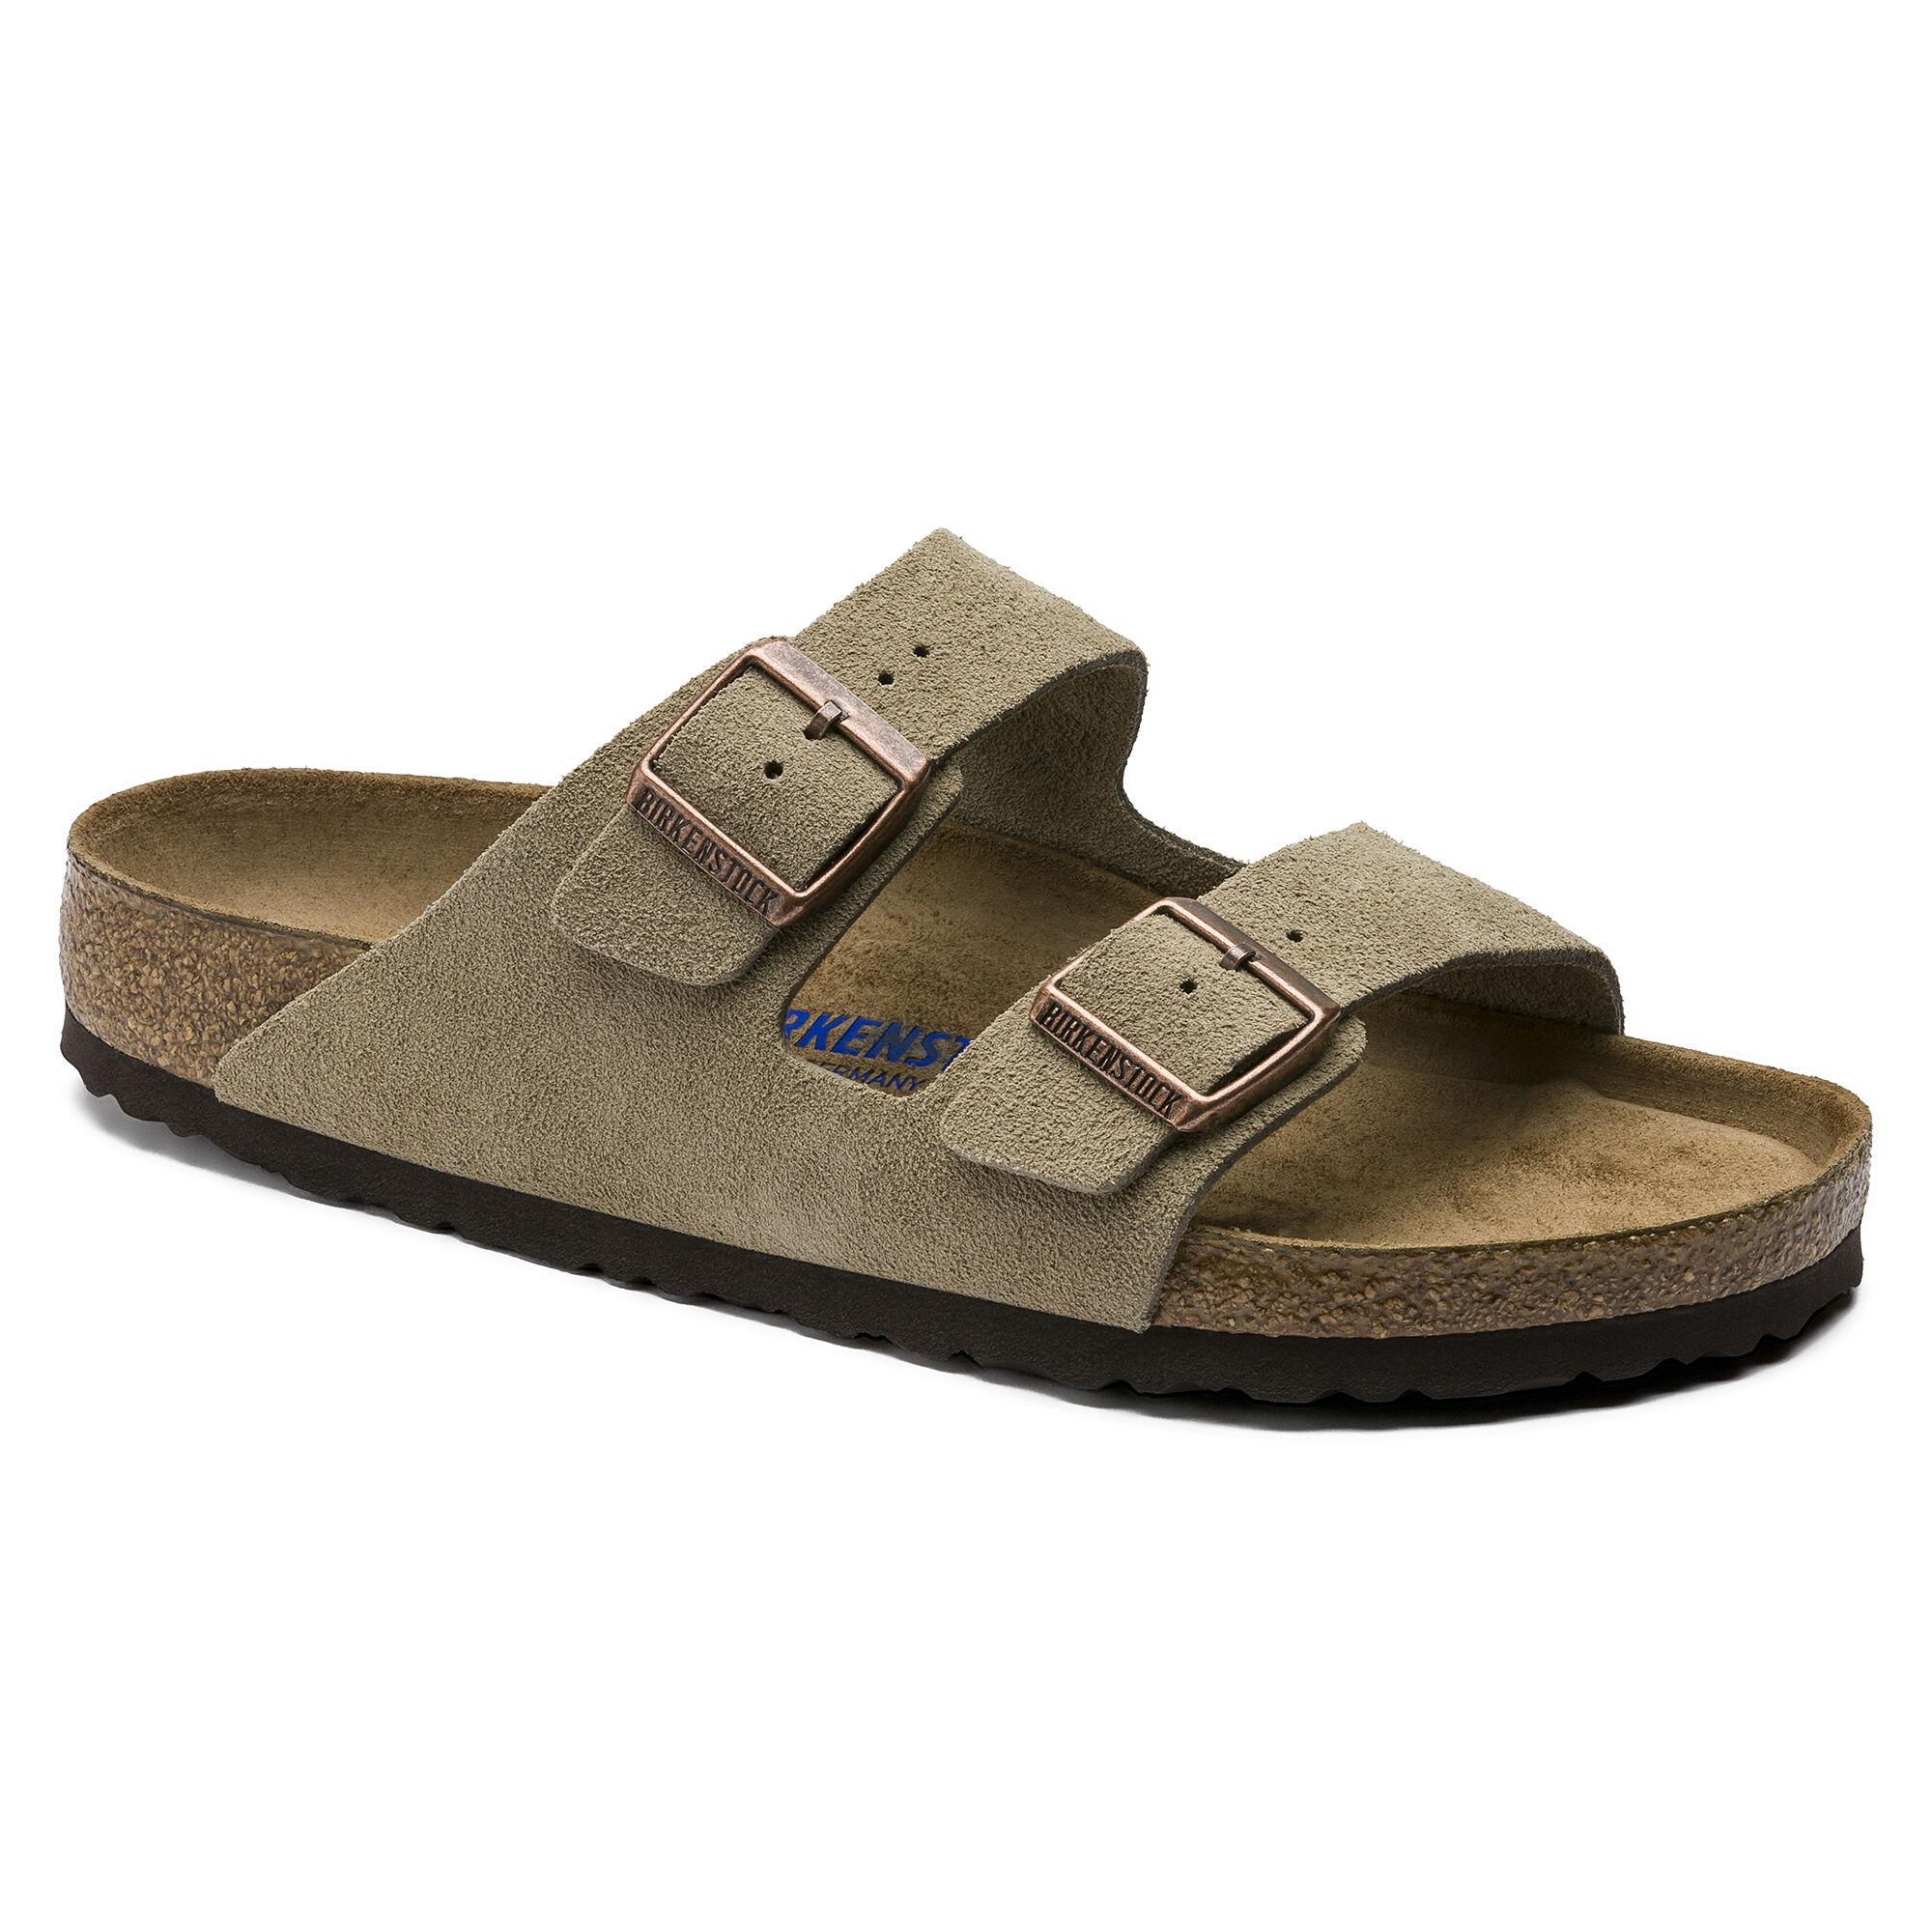 Sandalen | online kopen bij BIRKENSTOCK